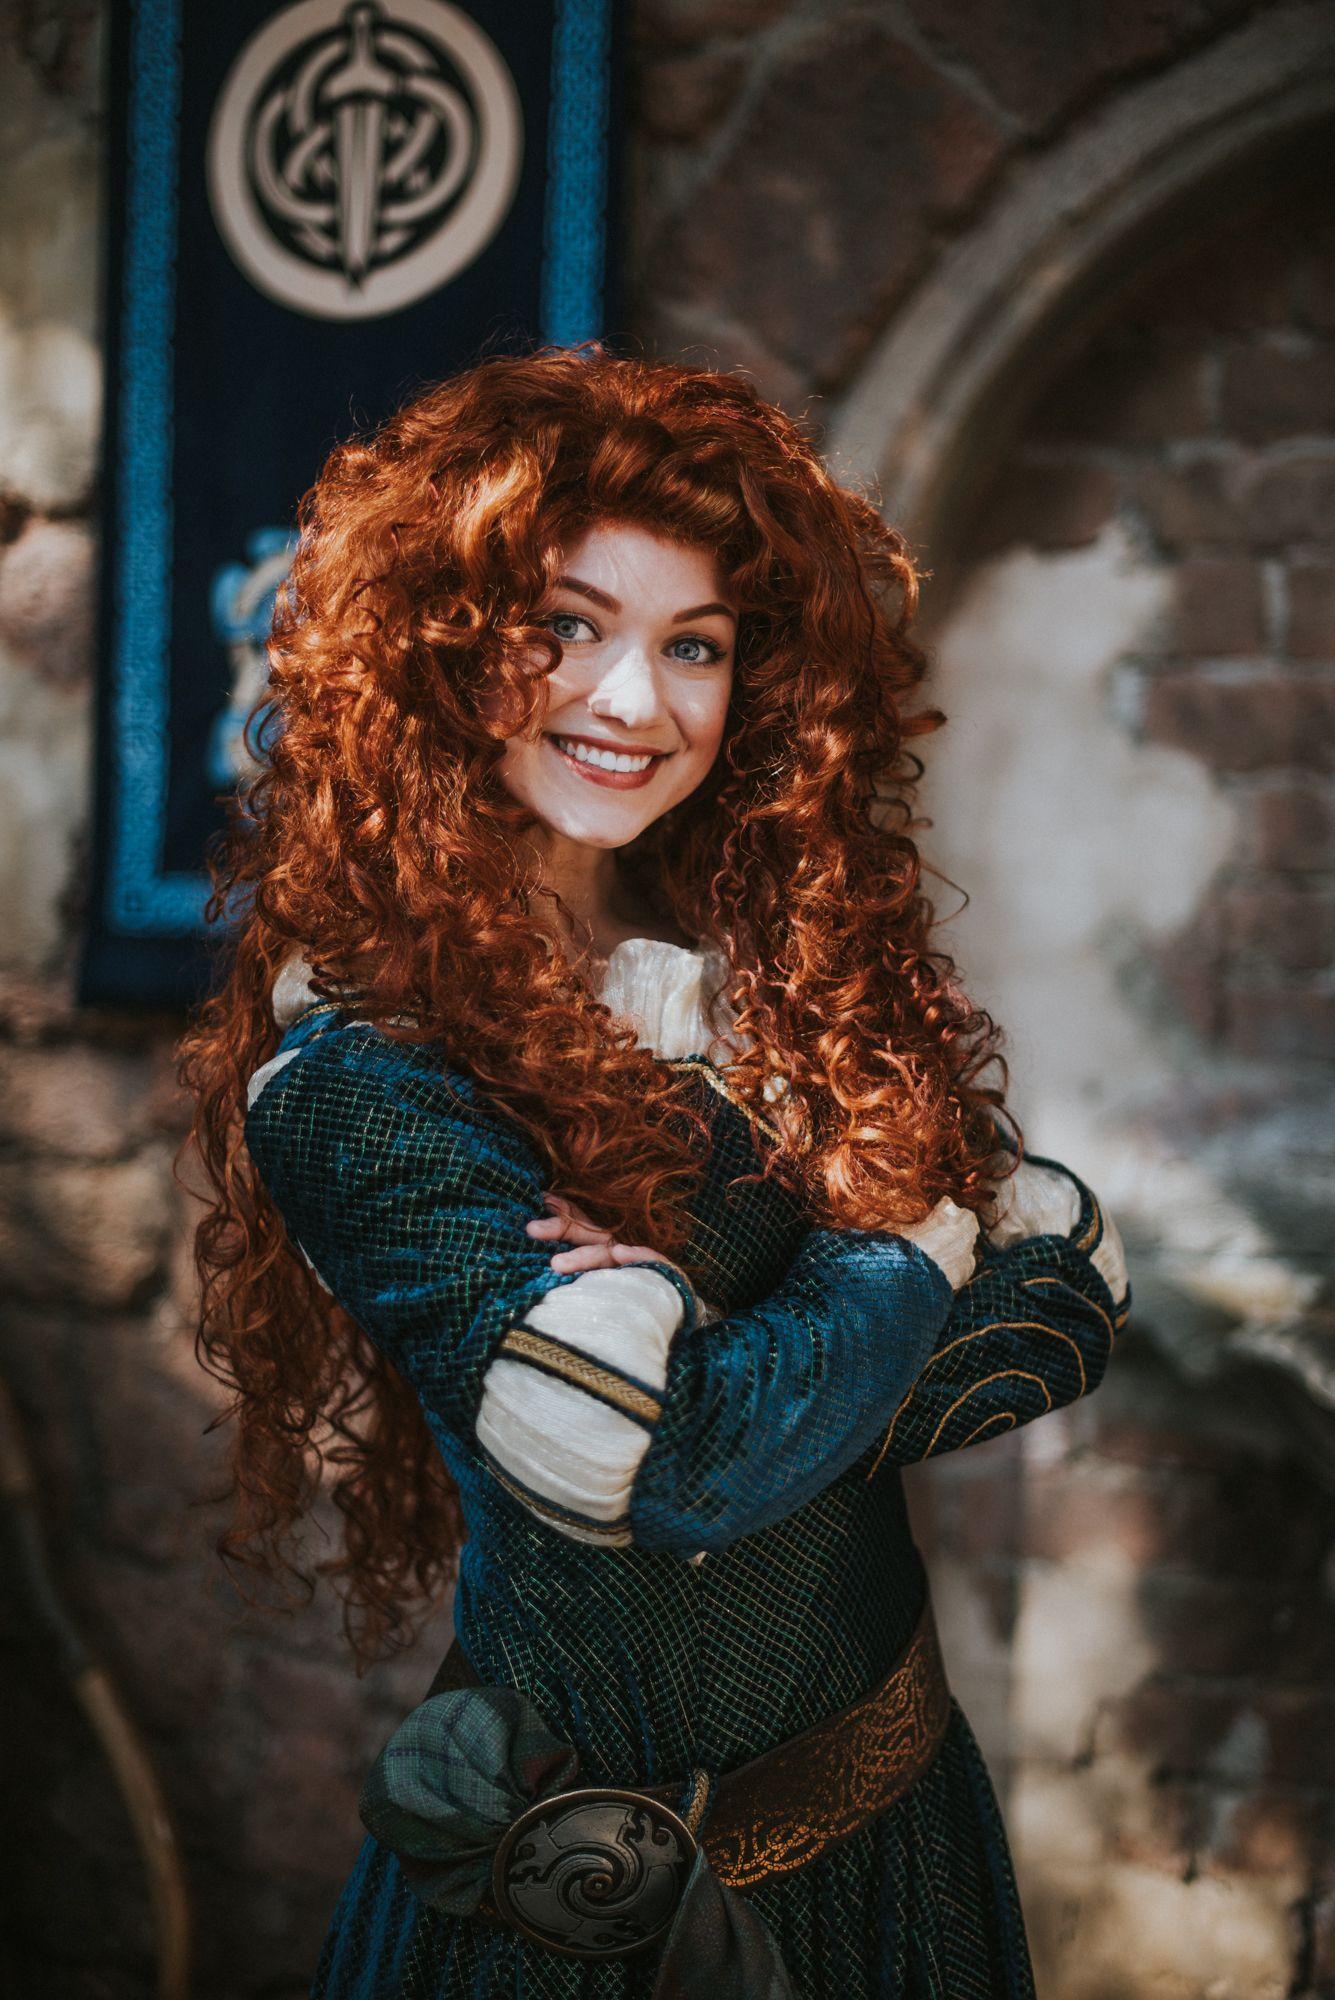 Merida (With images) | Merida cosplay, Cosplay woman ...